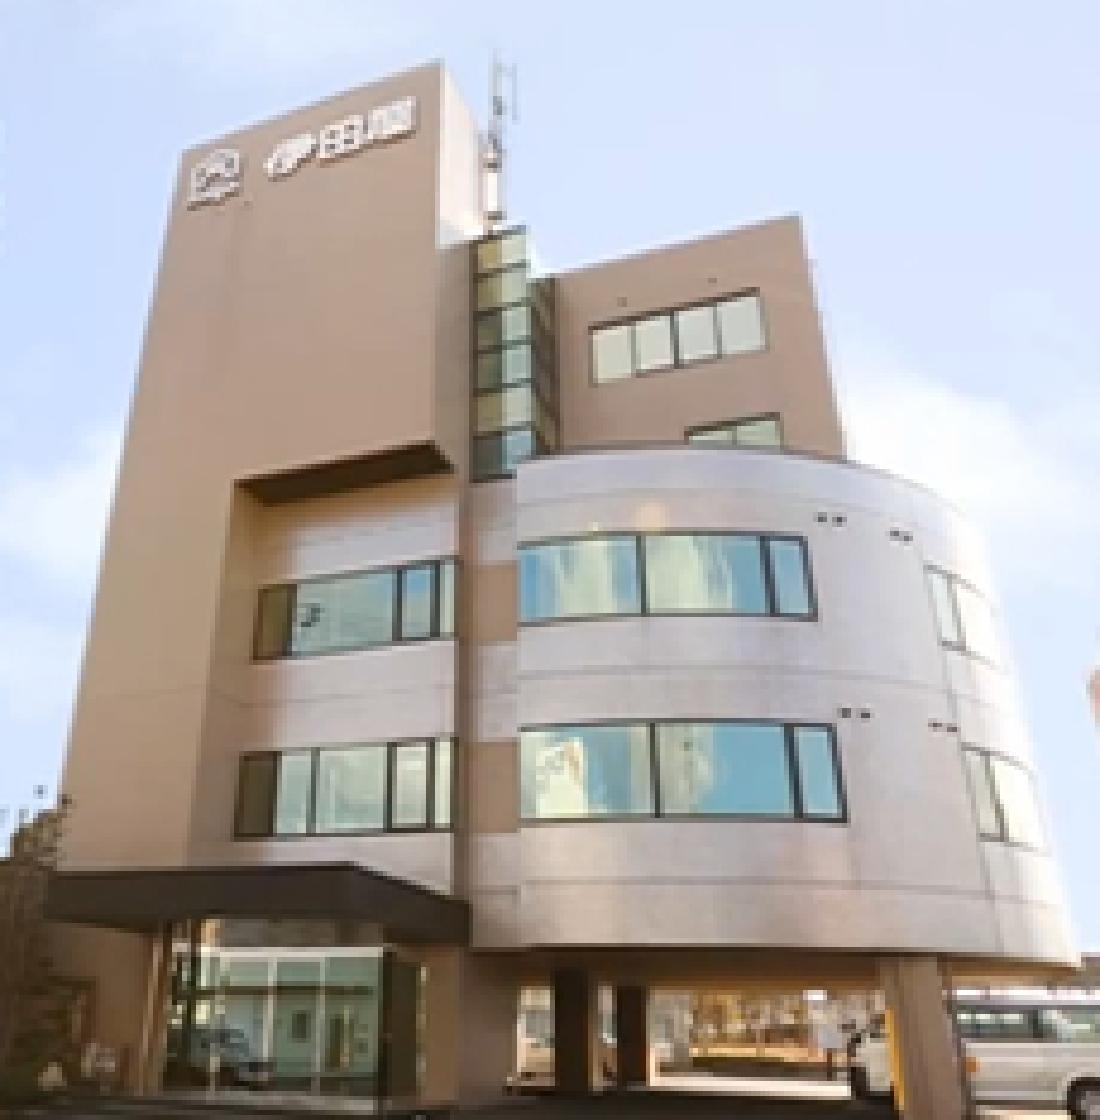 おかげさまで創業50年、伊田屋の住宅は多くの皆様に選ばれ続けています!